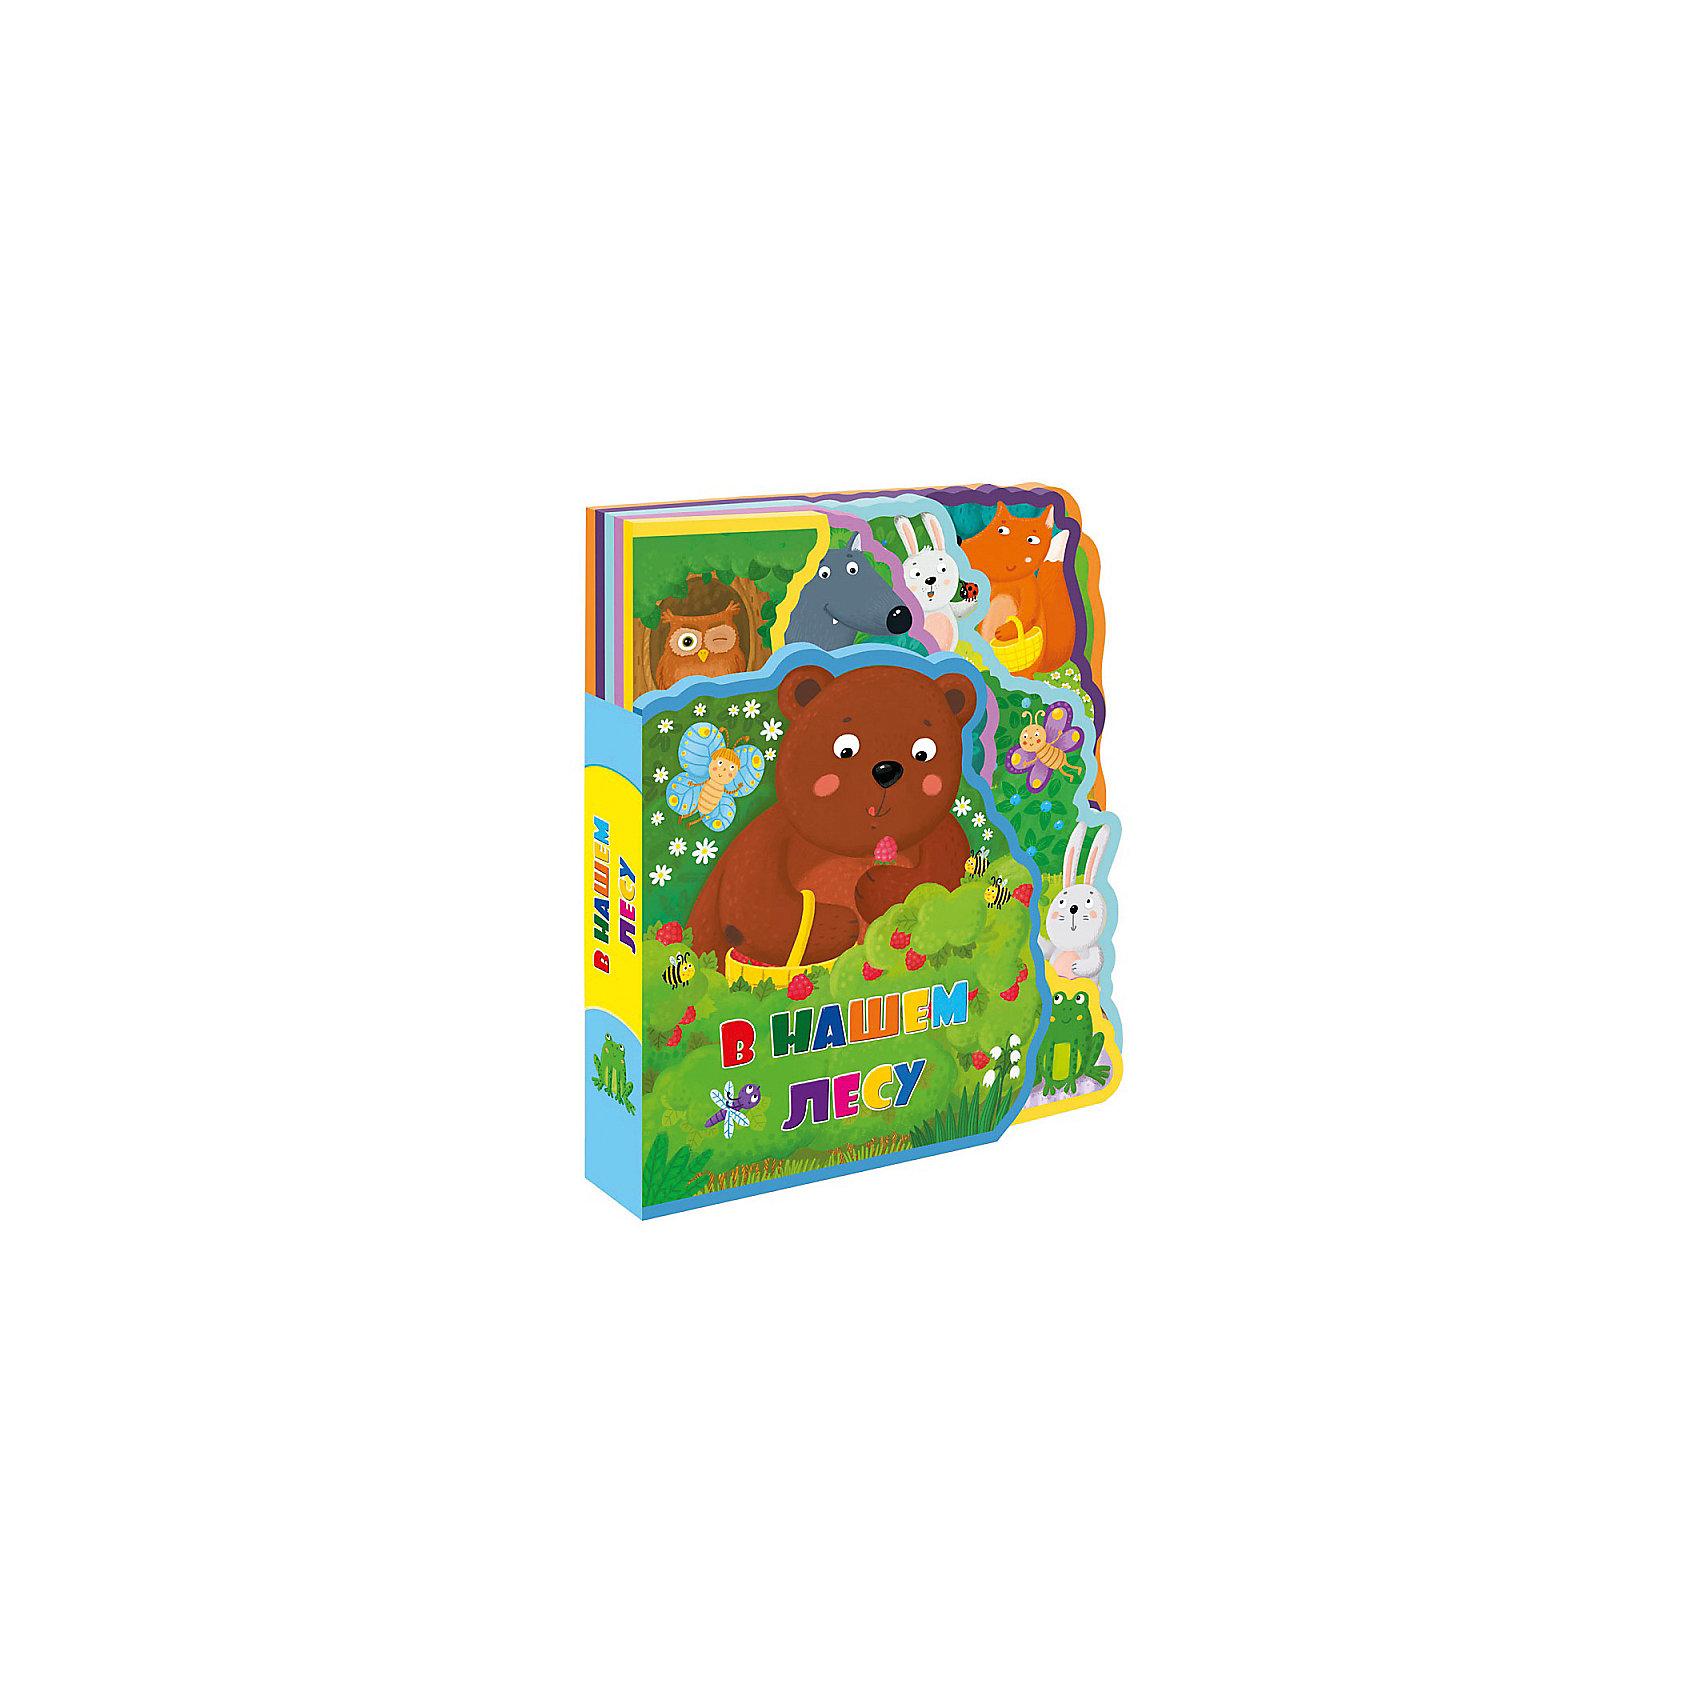 Мягкая книжка с пазлами В нашем лесуКниги-пазлы<br>Мягкая книжка с пазлами — увлекательная и полезная игра для малышей. Яркие иллюстрации, весёлые стихи и сюрпризы — всё для маленьких исследователей окружающего мира. Книжка с пазлами развивает мелкую моторику, память и наблюдательность.<br><br>Ширина мм: 200<br>Глубина мм: 240<br>Высота мм: 50<br>Вес г: 300<br>Возраст от месяцев: 12<br>Возраст до месяцев: 2147483647<br>Пол: Унисекс<br>Возраст: Детский<br>SKU: 6845939